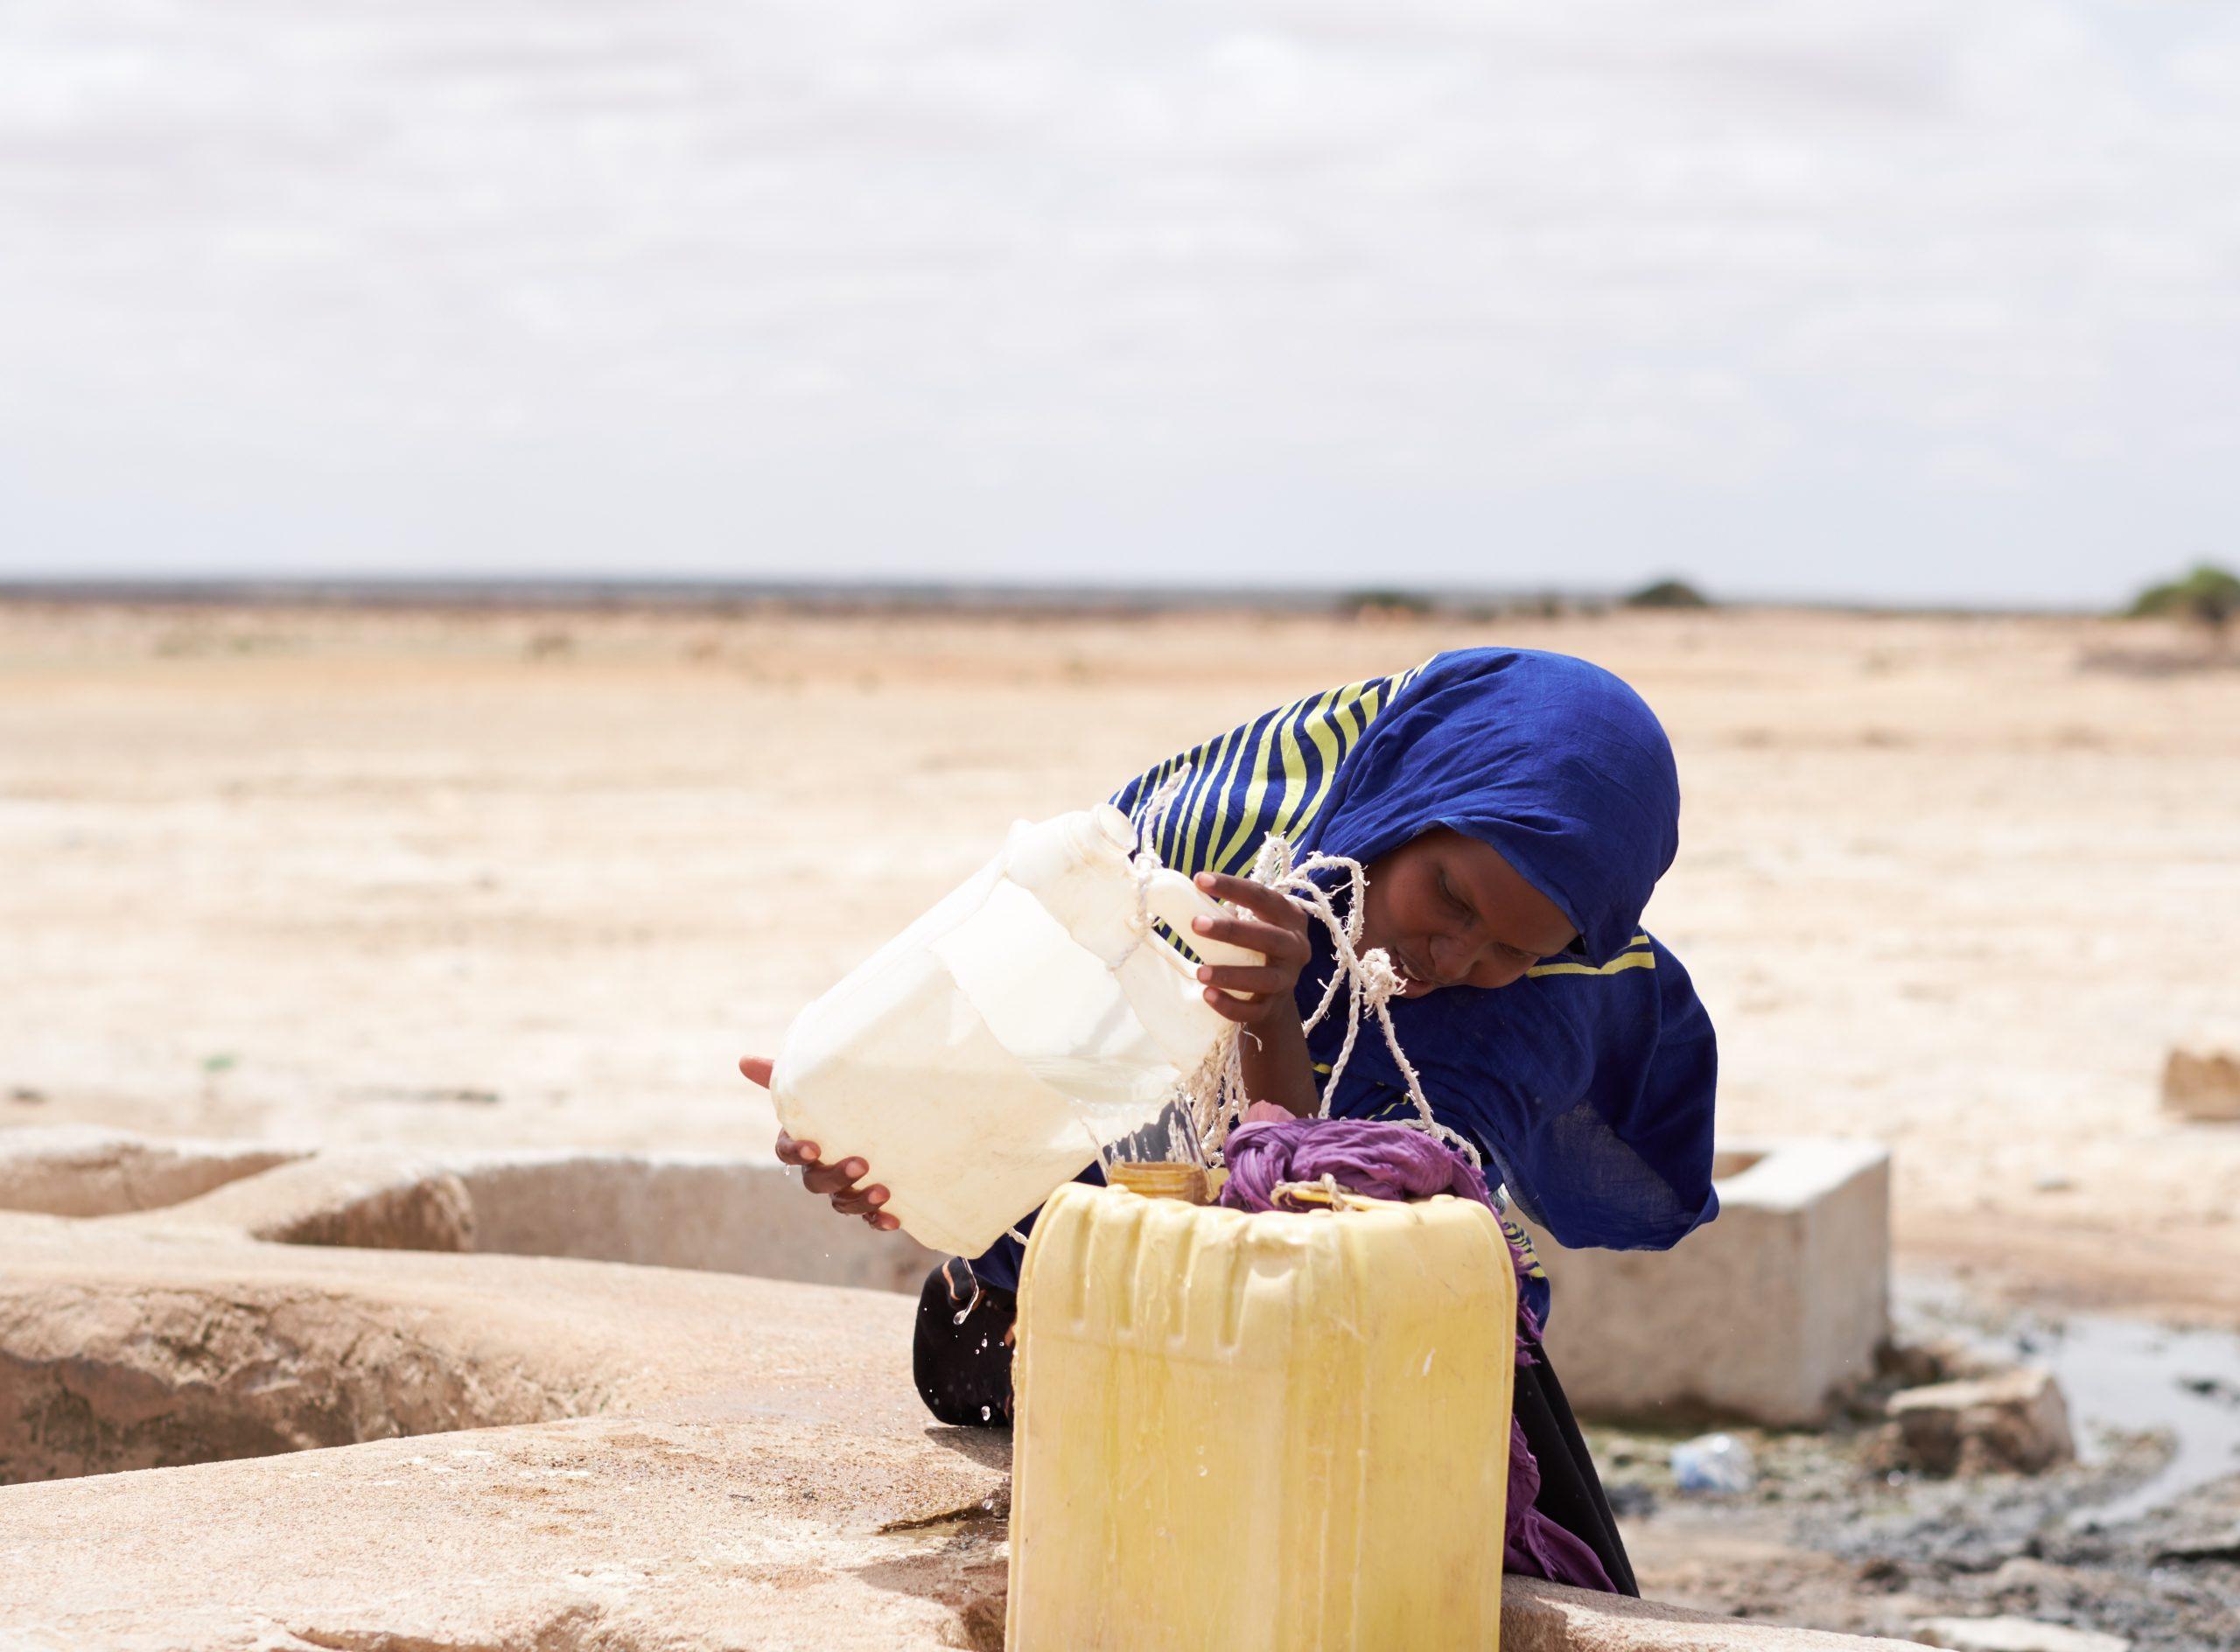 Giornata Mondiale Contro La Desertificazione, I Dati Sul Sahel Di Azione Contro La Fame